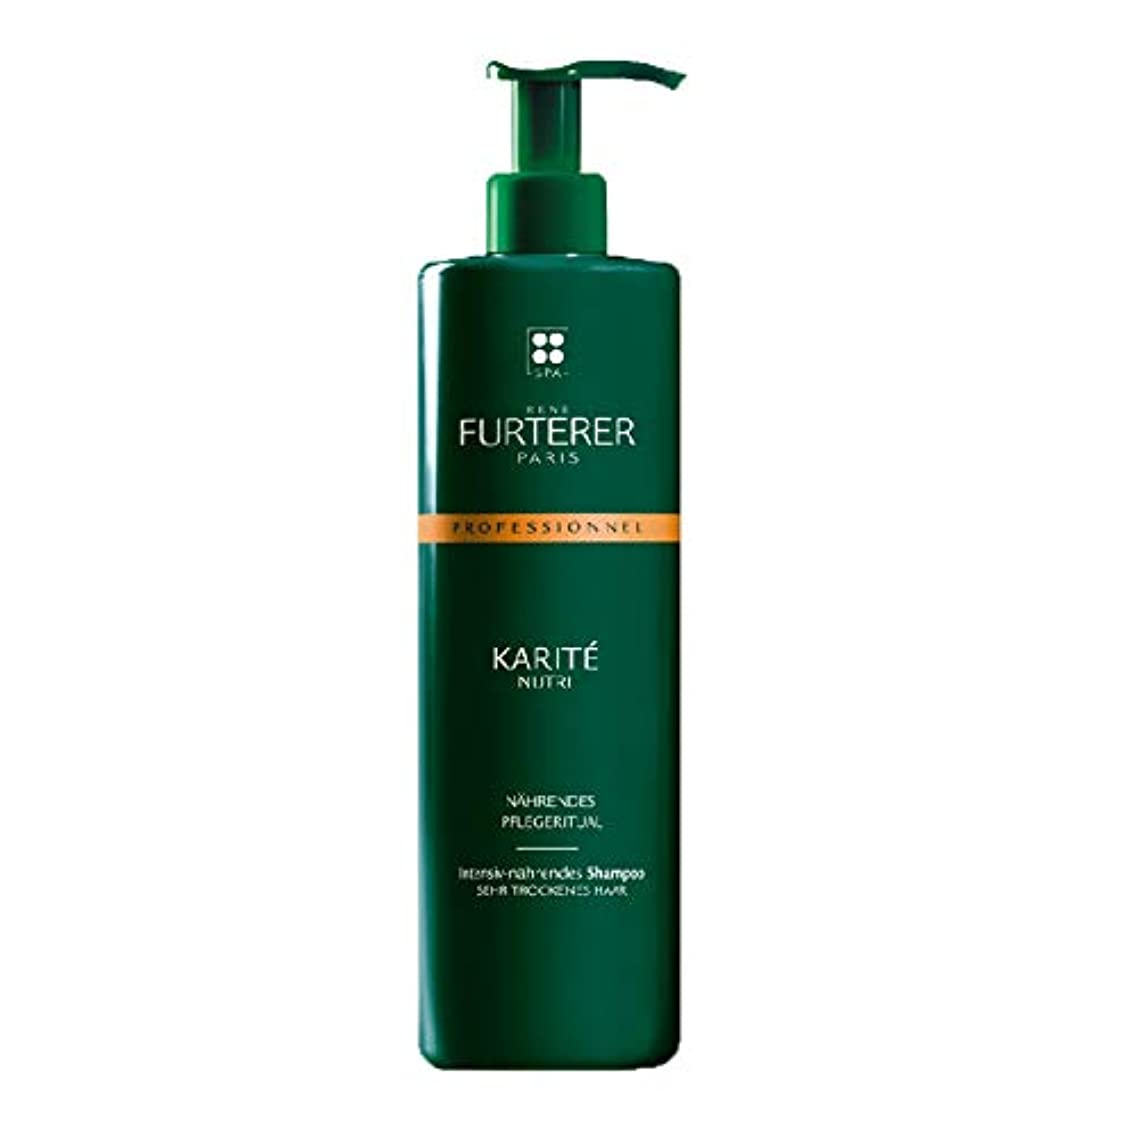 紀元前大破描写ルネ フルトレール Karite Nutri Nourishing Ritual Intense Nourishing Shampoo - Very Dry Hair (Salon Product) 600ml/20.2oz...